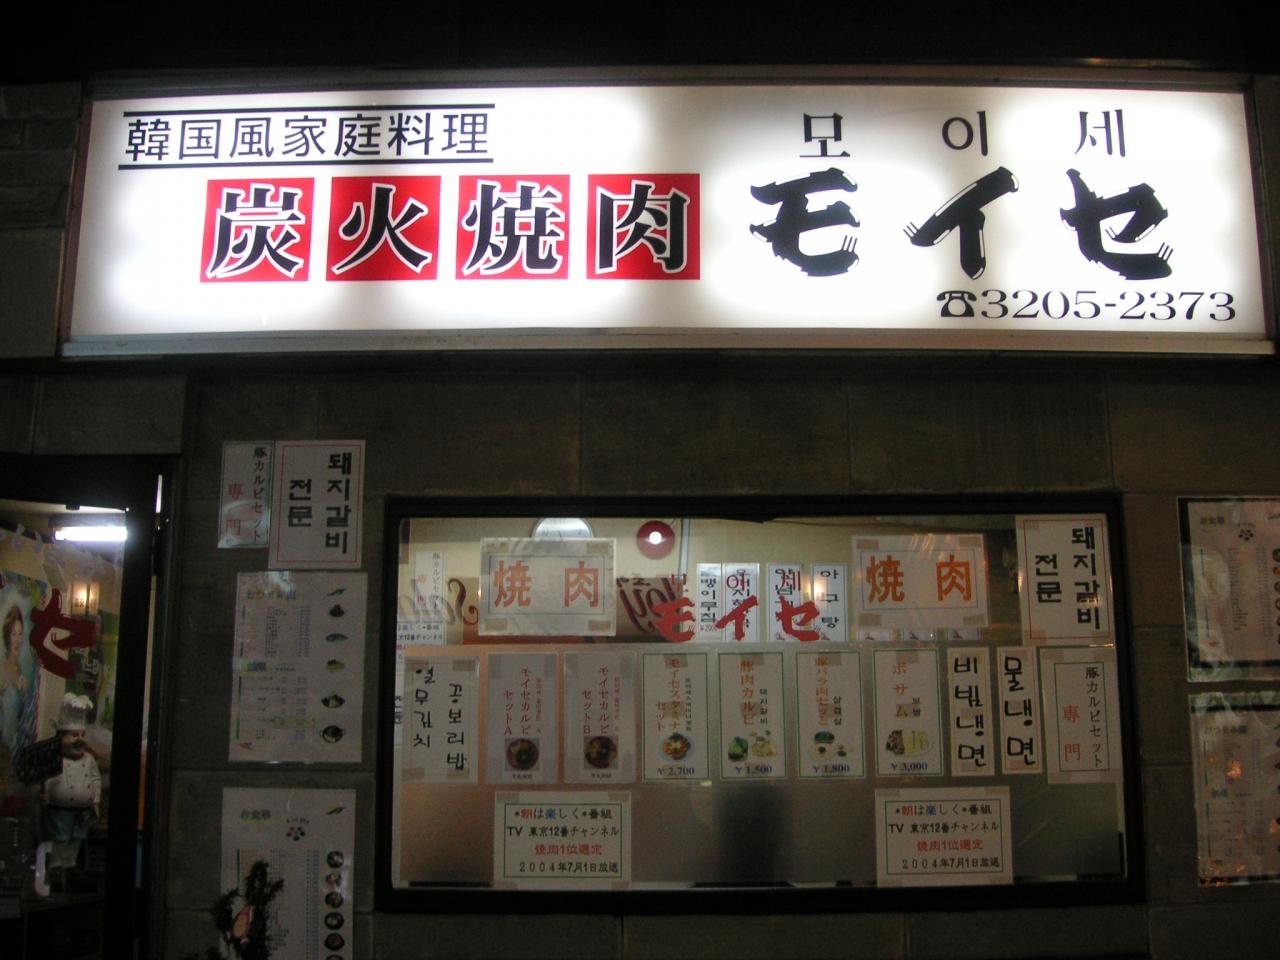 韓国料理屋さん - 韓美膳 木更津店の口コミ - じゃら …